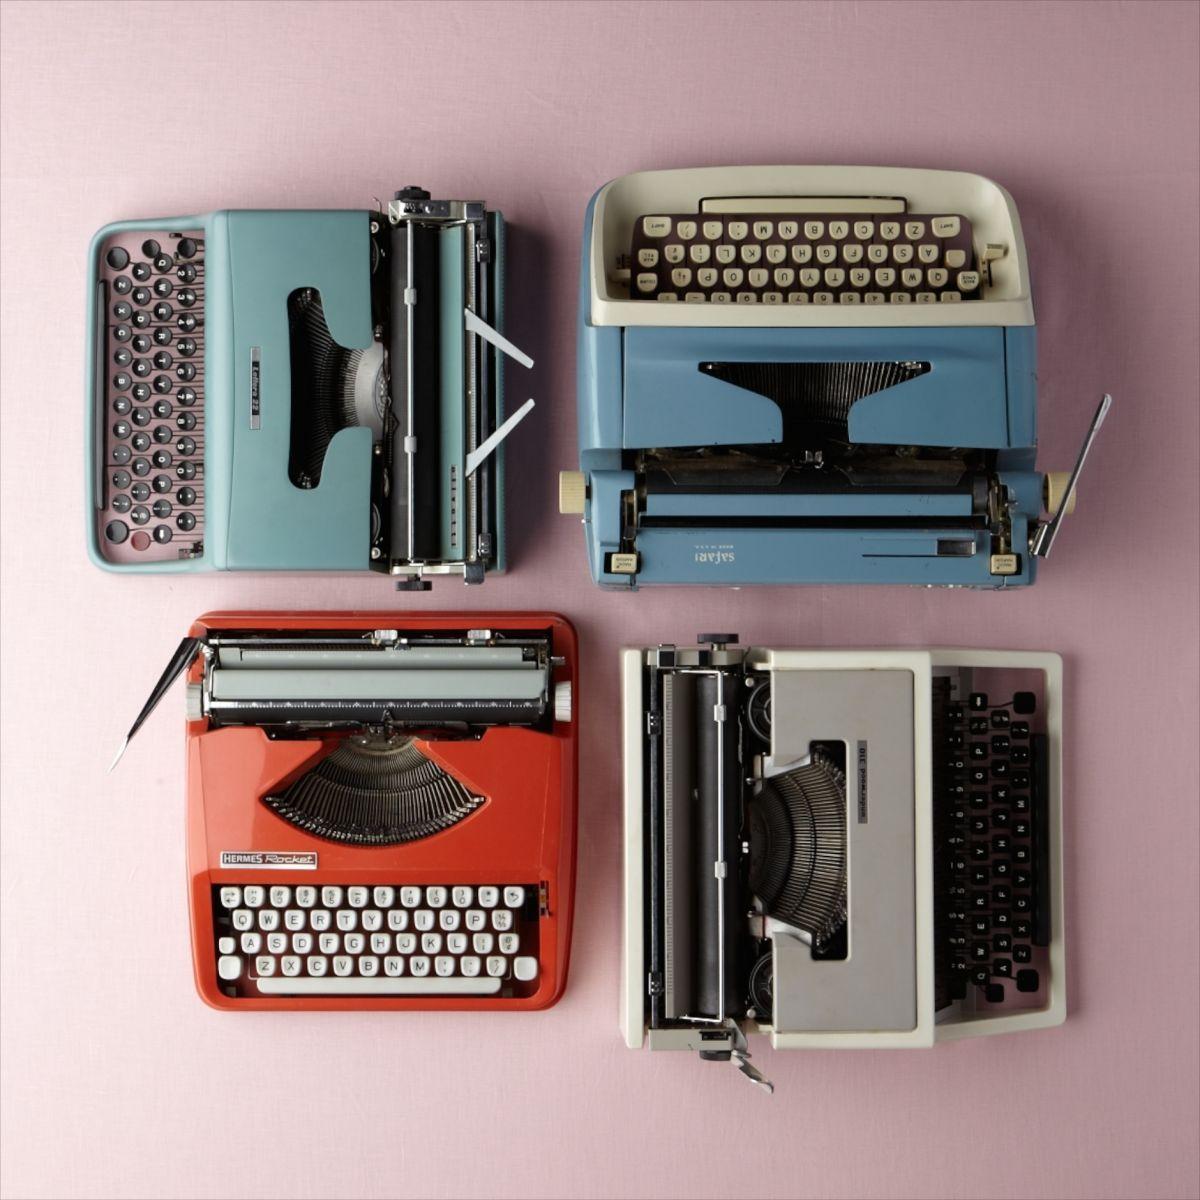 1d106299_typewriters_001